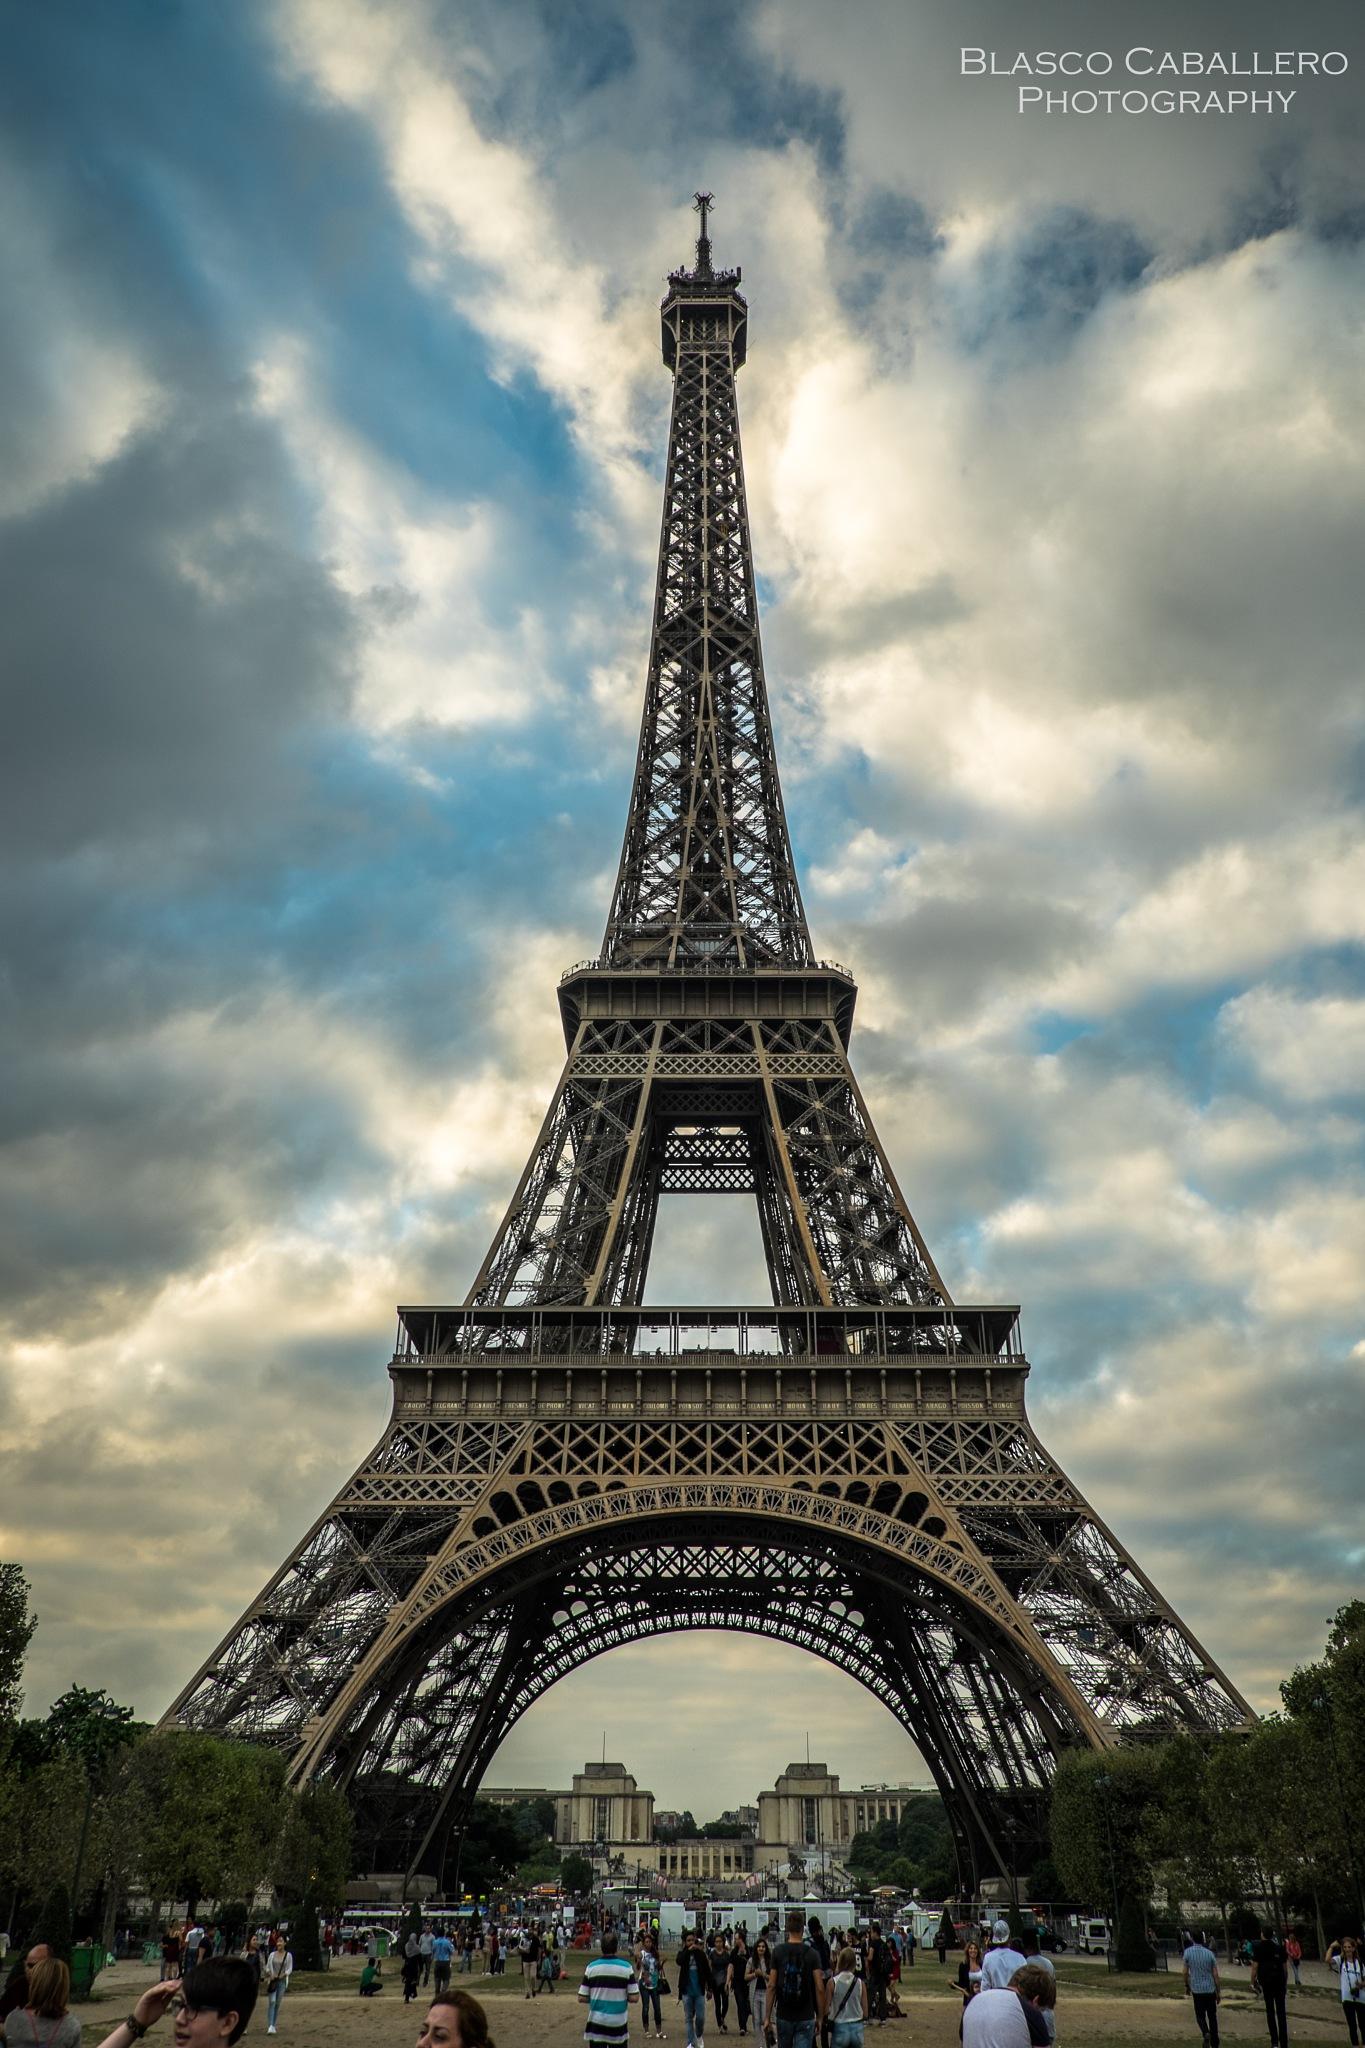 Tour Eiffel by Blasco Caballero